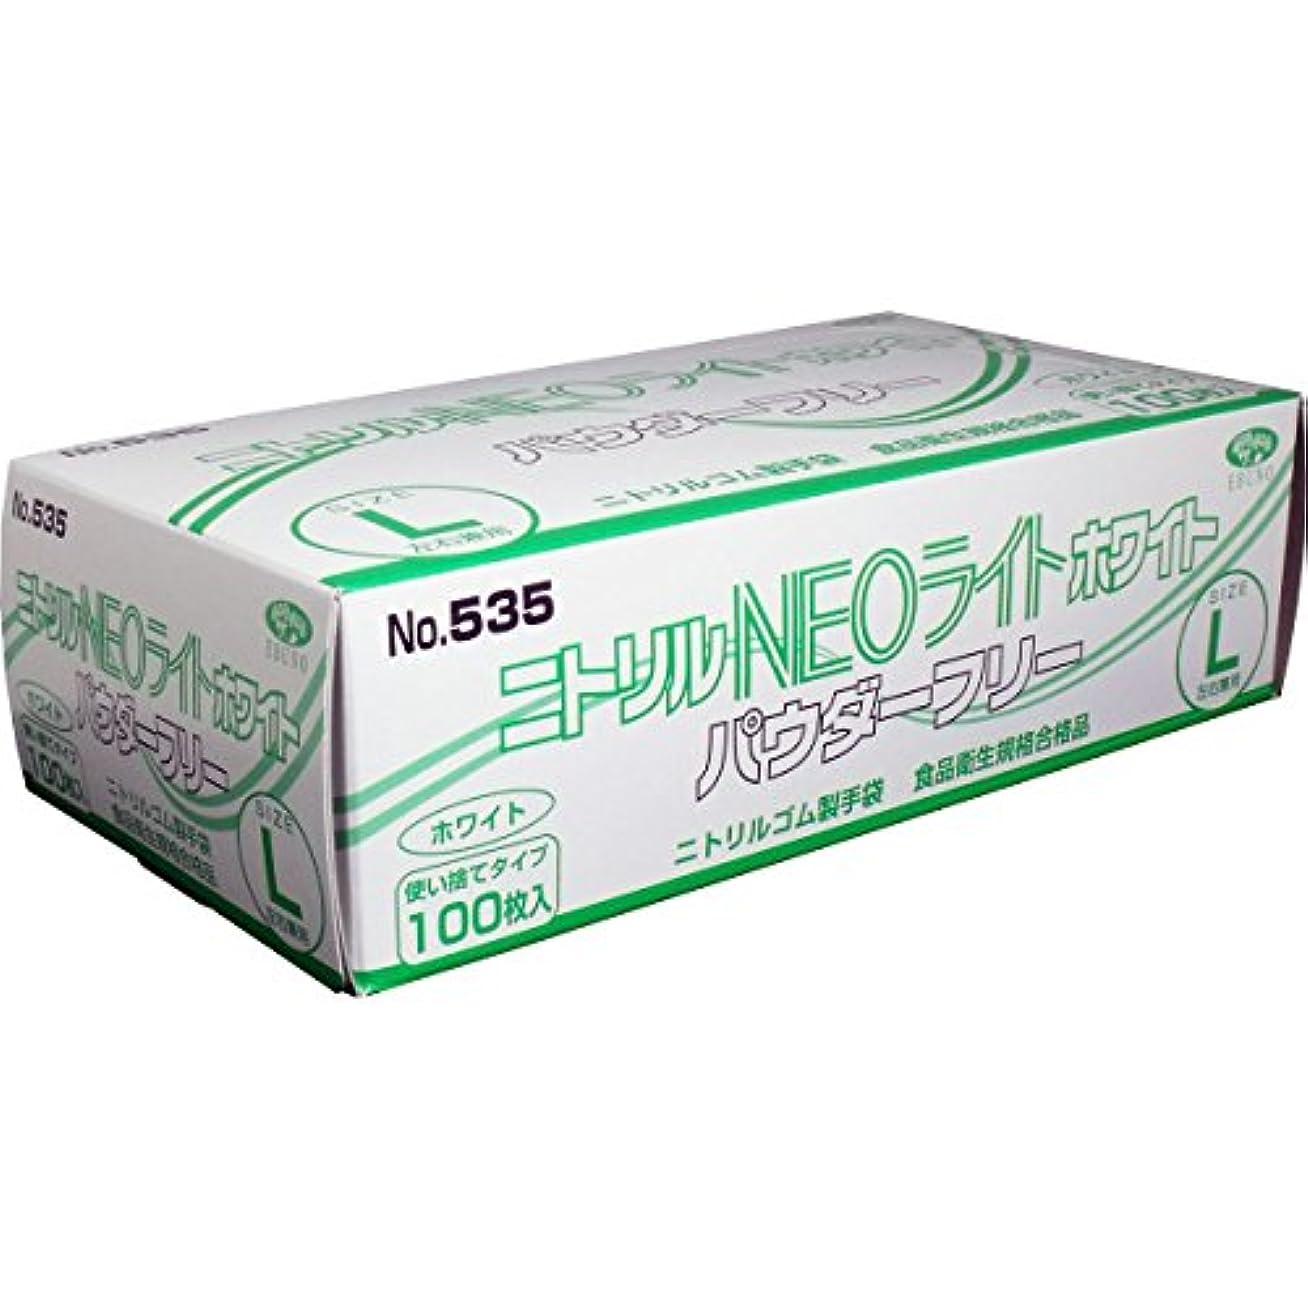 明るいオリエンタルイタリックニトリル手袋 NEOライト パウダーフリー ホワイト Lサイズ 100枚入 ×5個セット